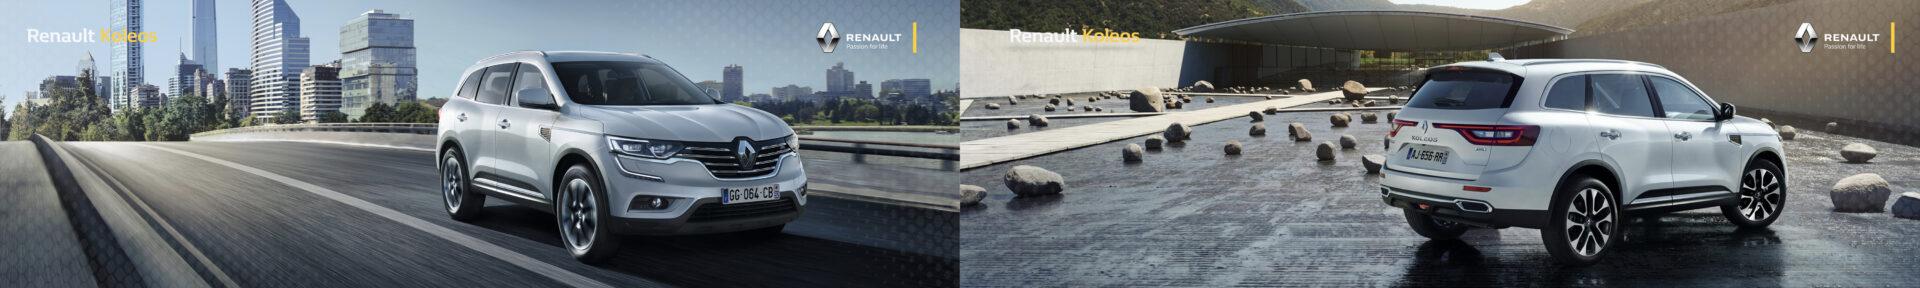 Renault-Keynote-20171028.010